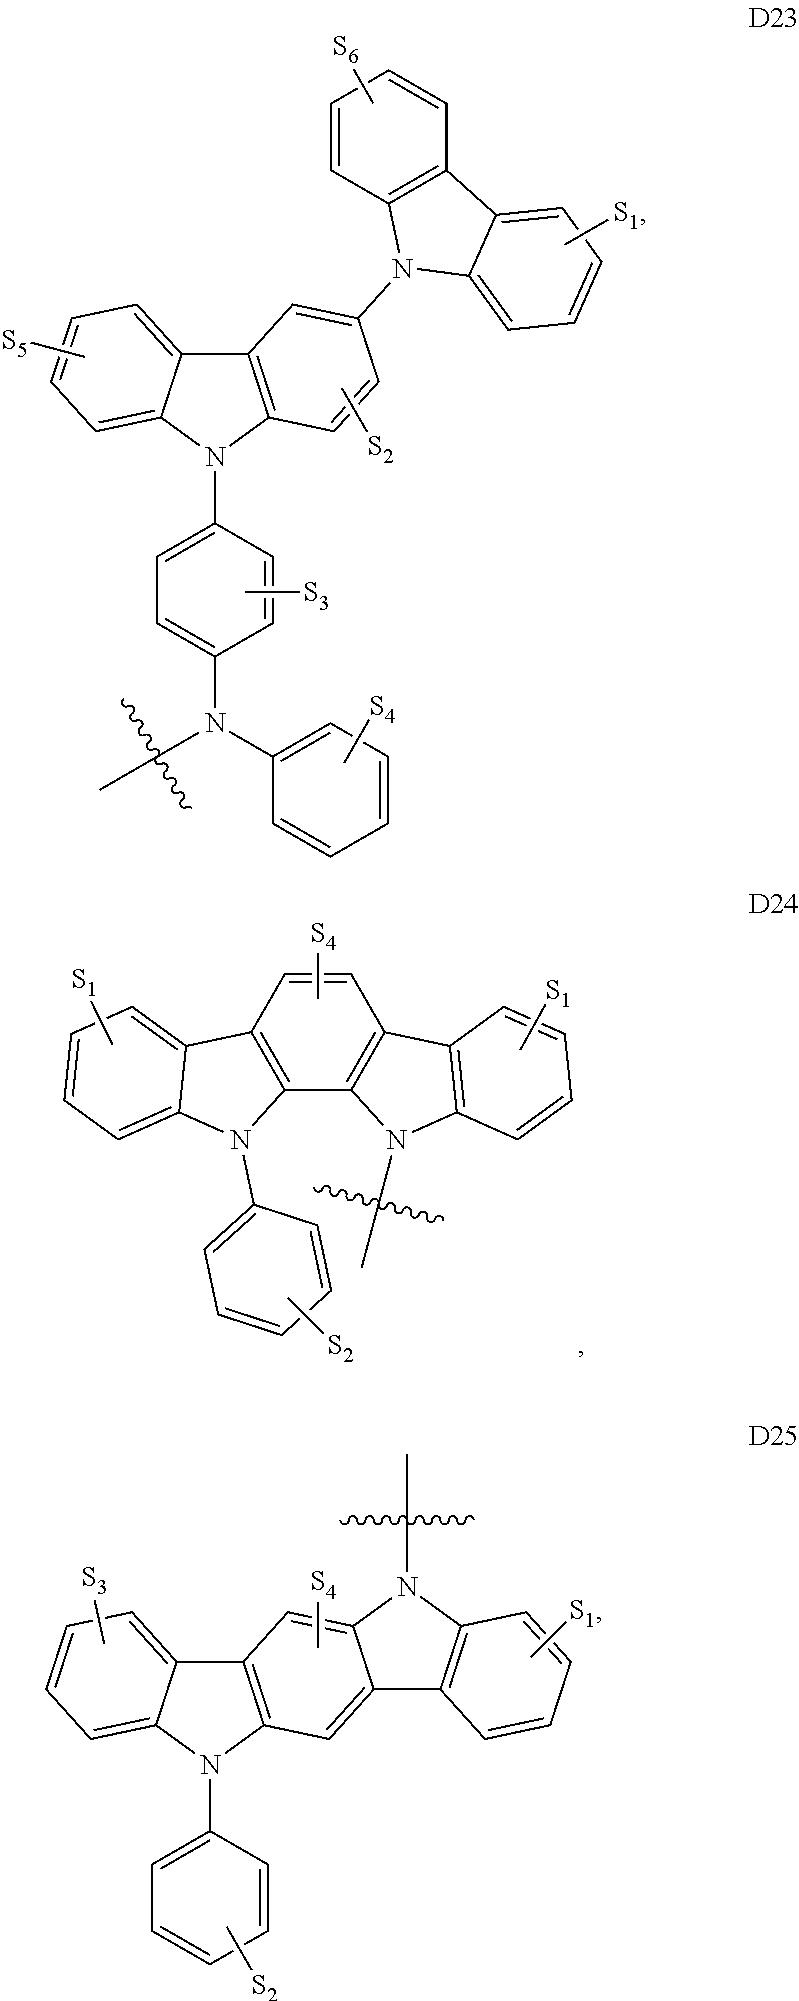 Figure US09324949-20160426-C00010